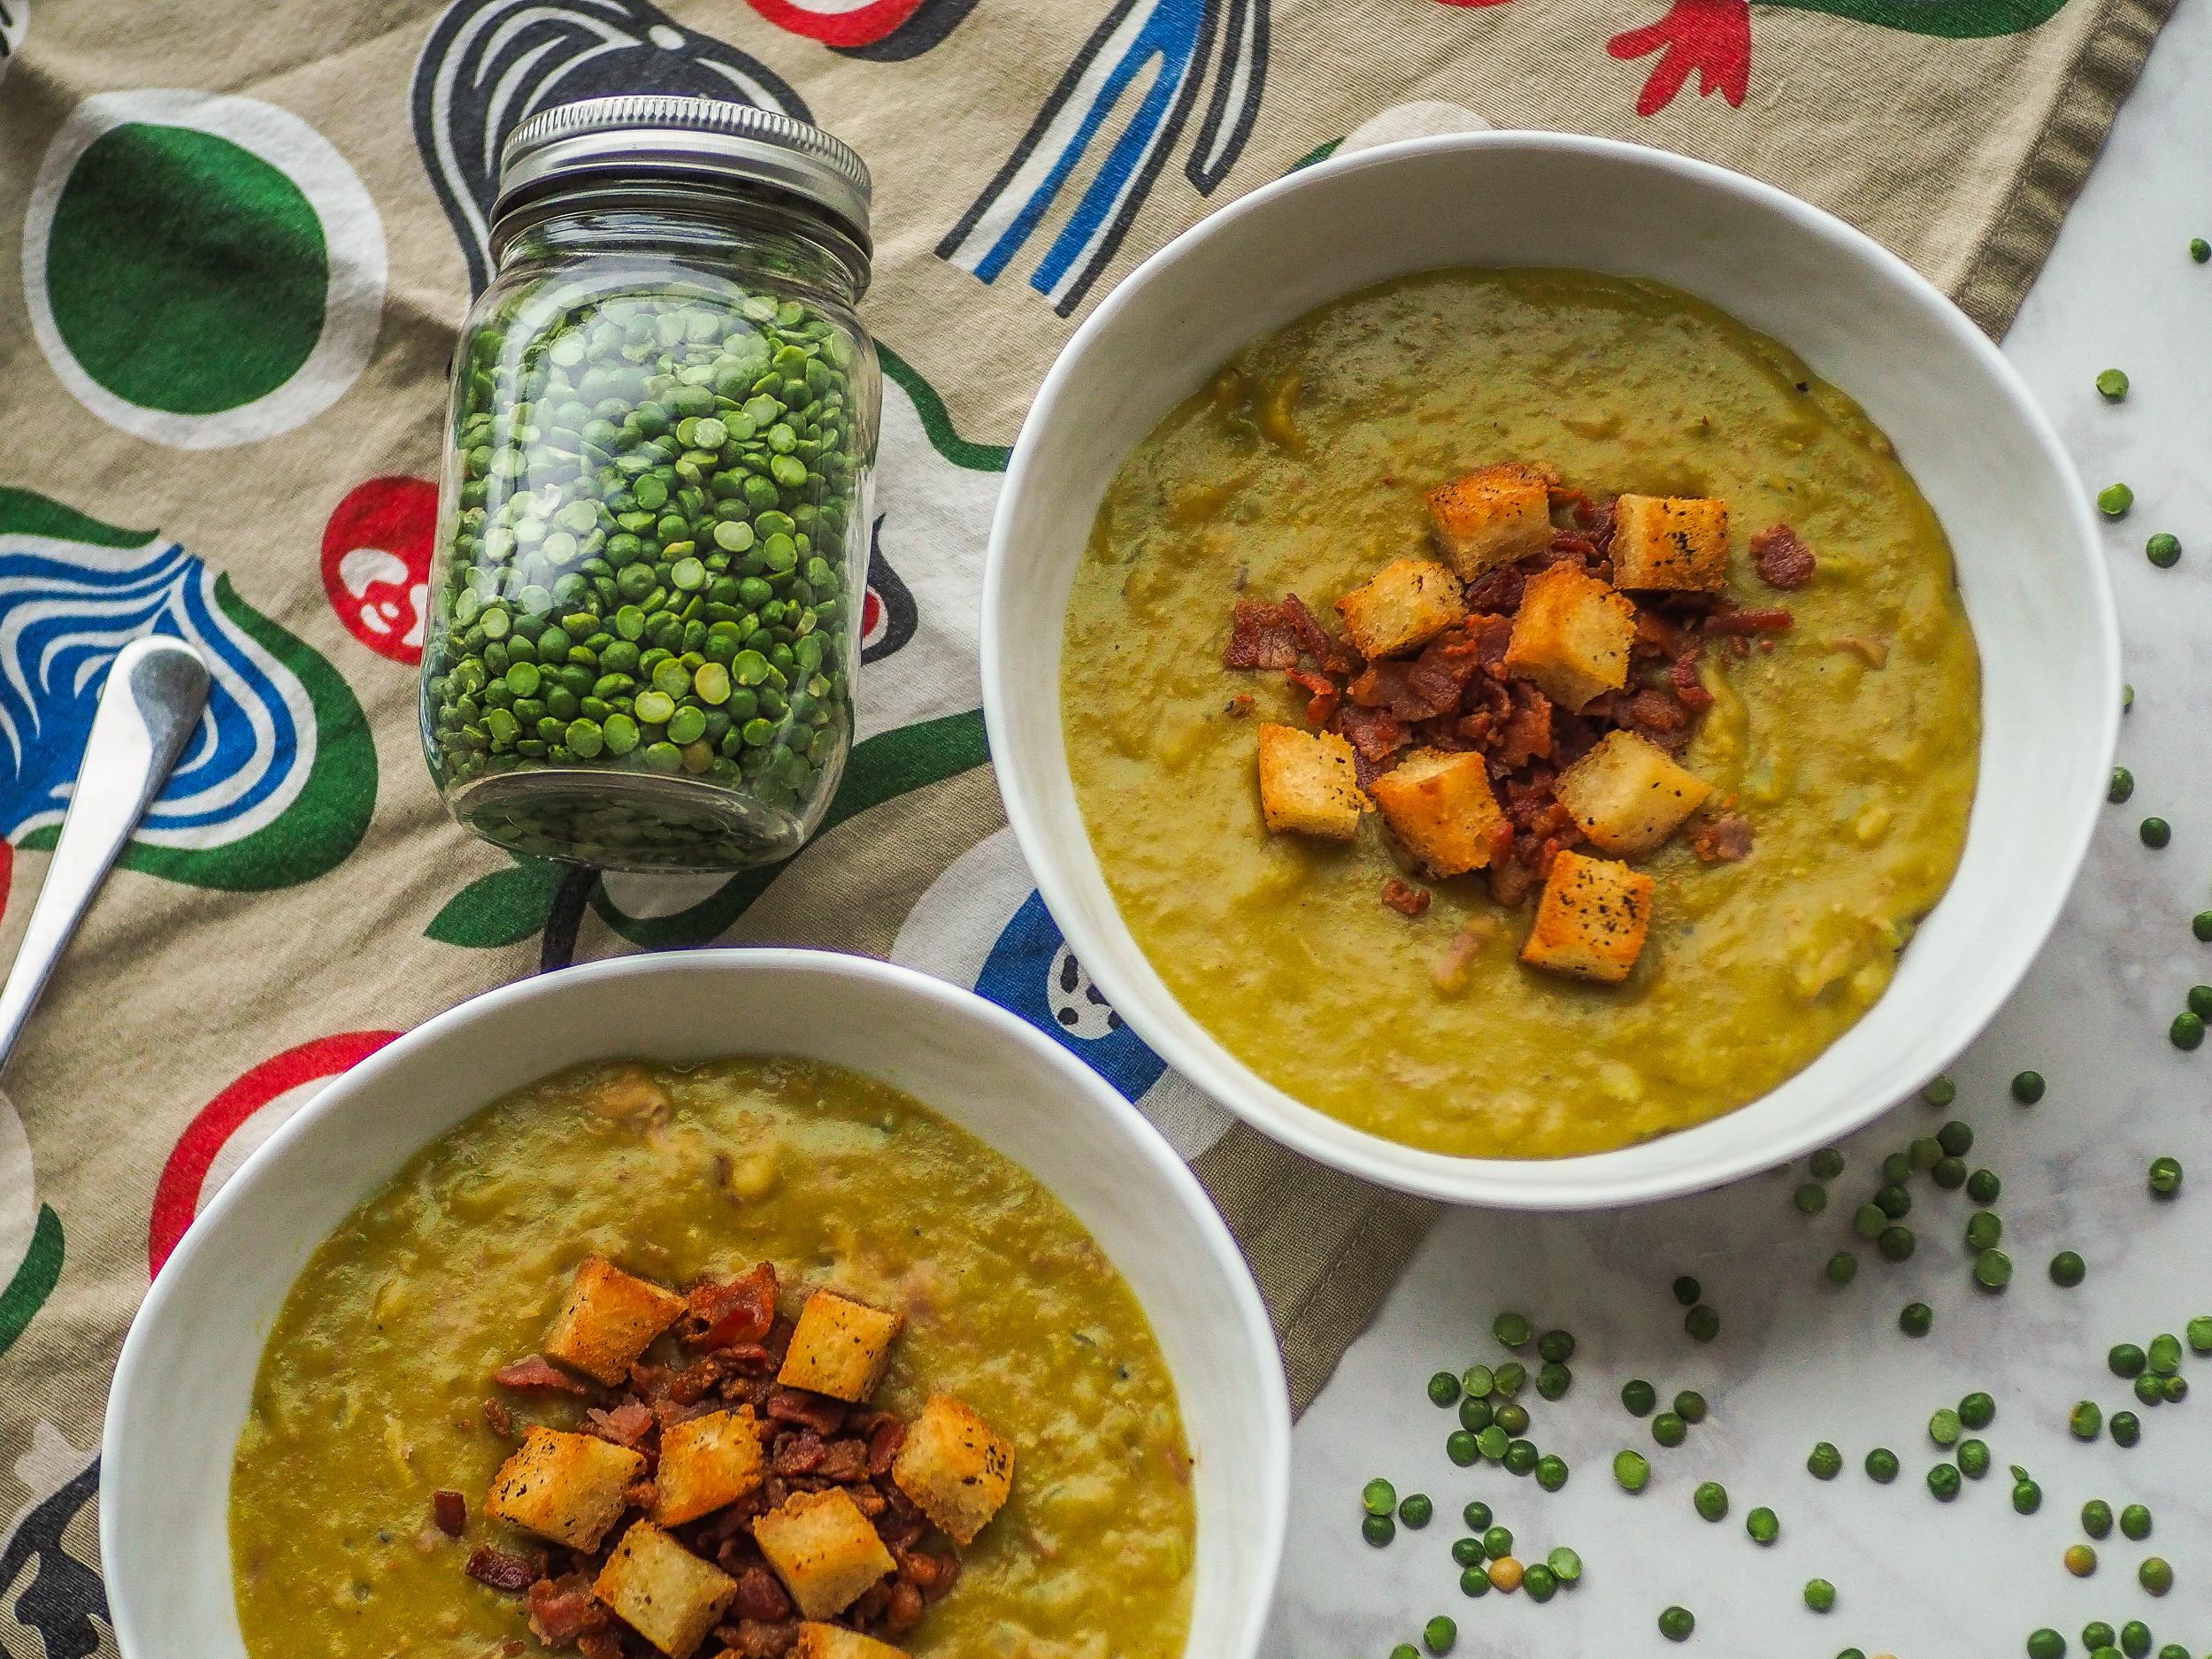 Leanne's Split-Pea Soup